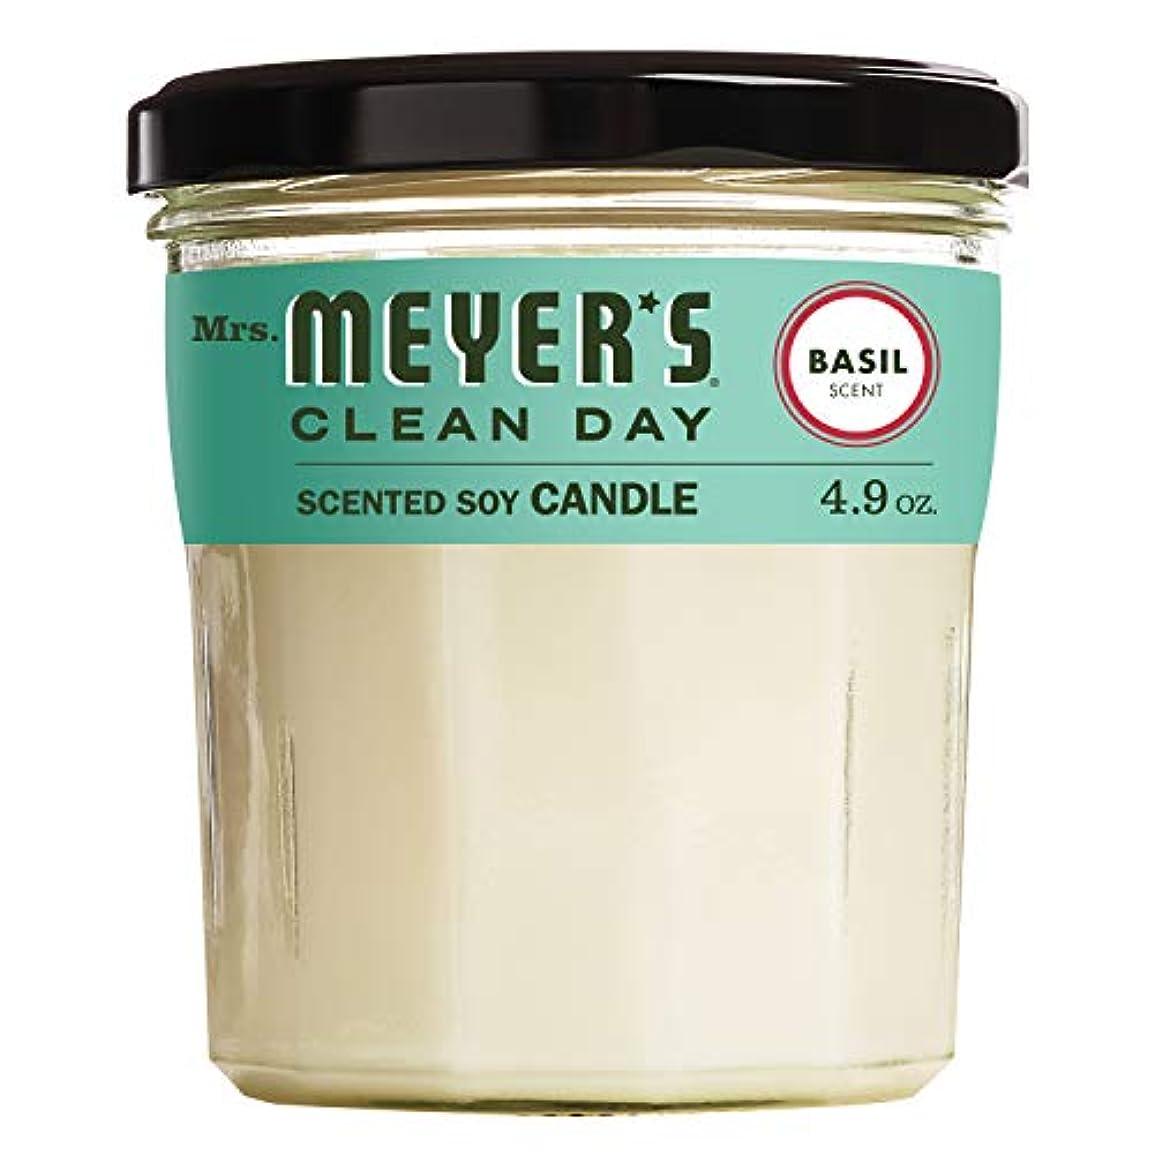 ネズミ並外れた蒸し器MRS MEYERS Clean Day Scented Soy Candle Basil, Small, 4.9 Ounce by Mrs. Meyers